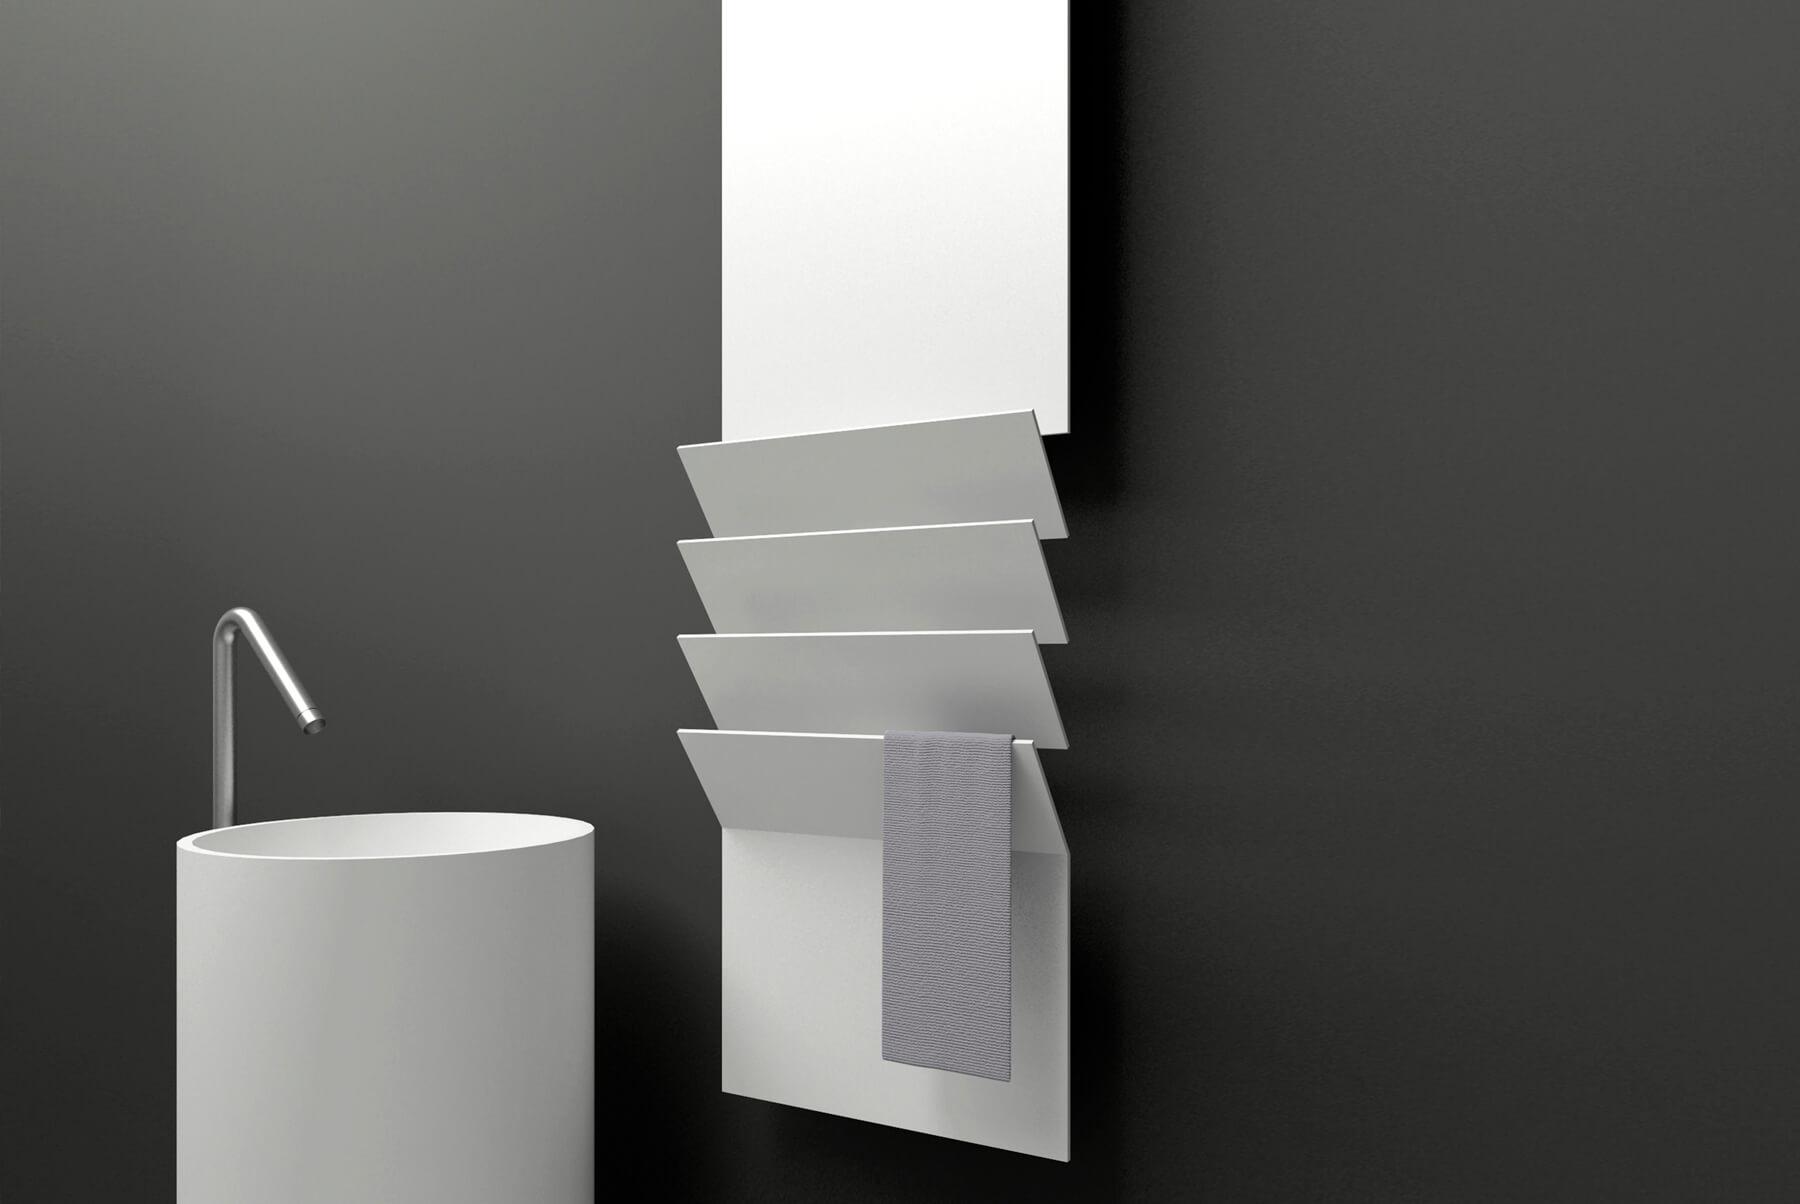 Radiators-&-Towel-Warmers-Antrax-flap-inset-1-1800x1204